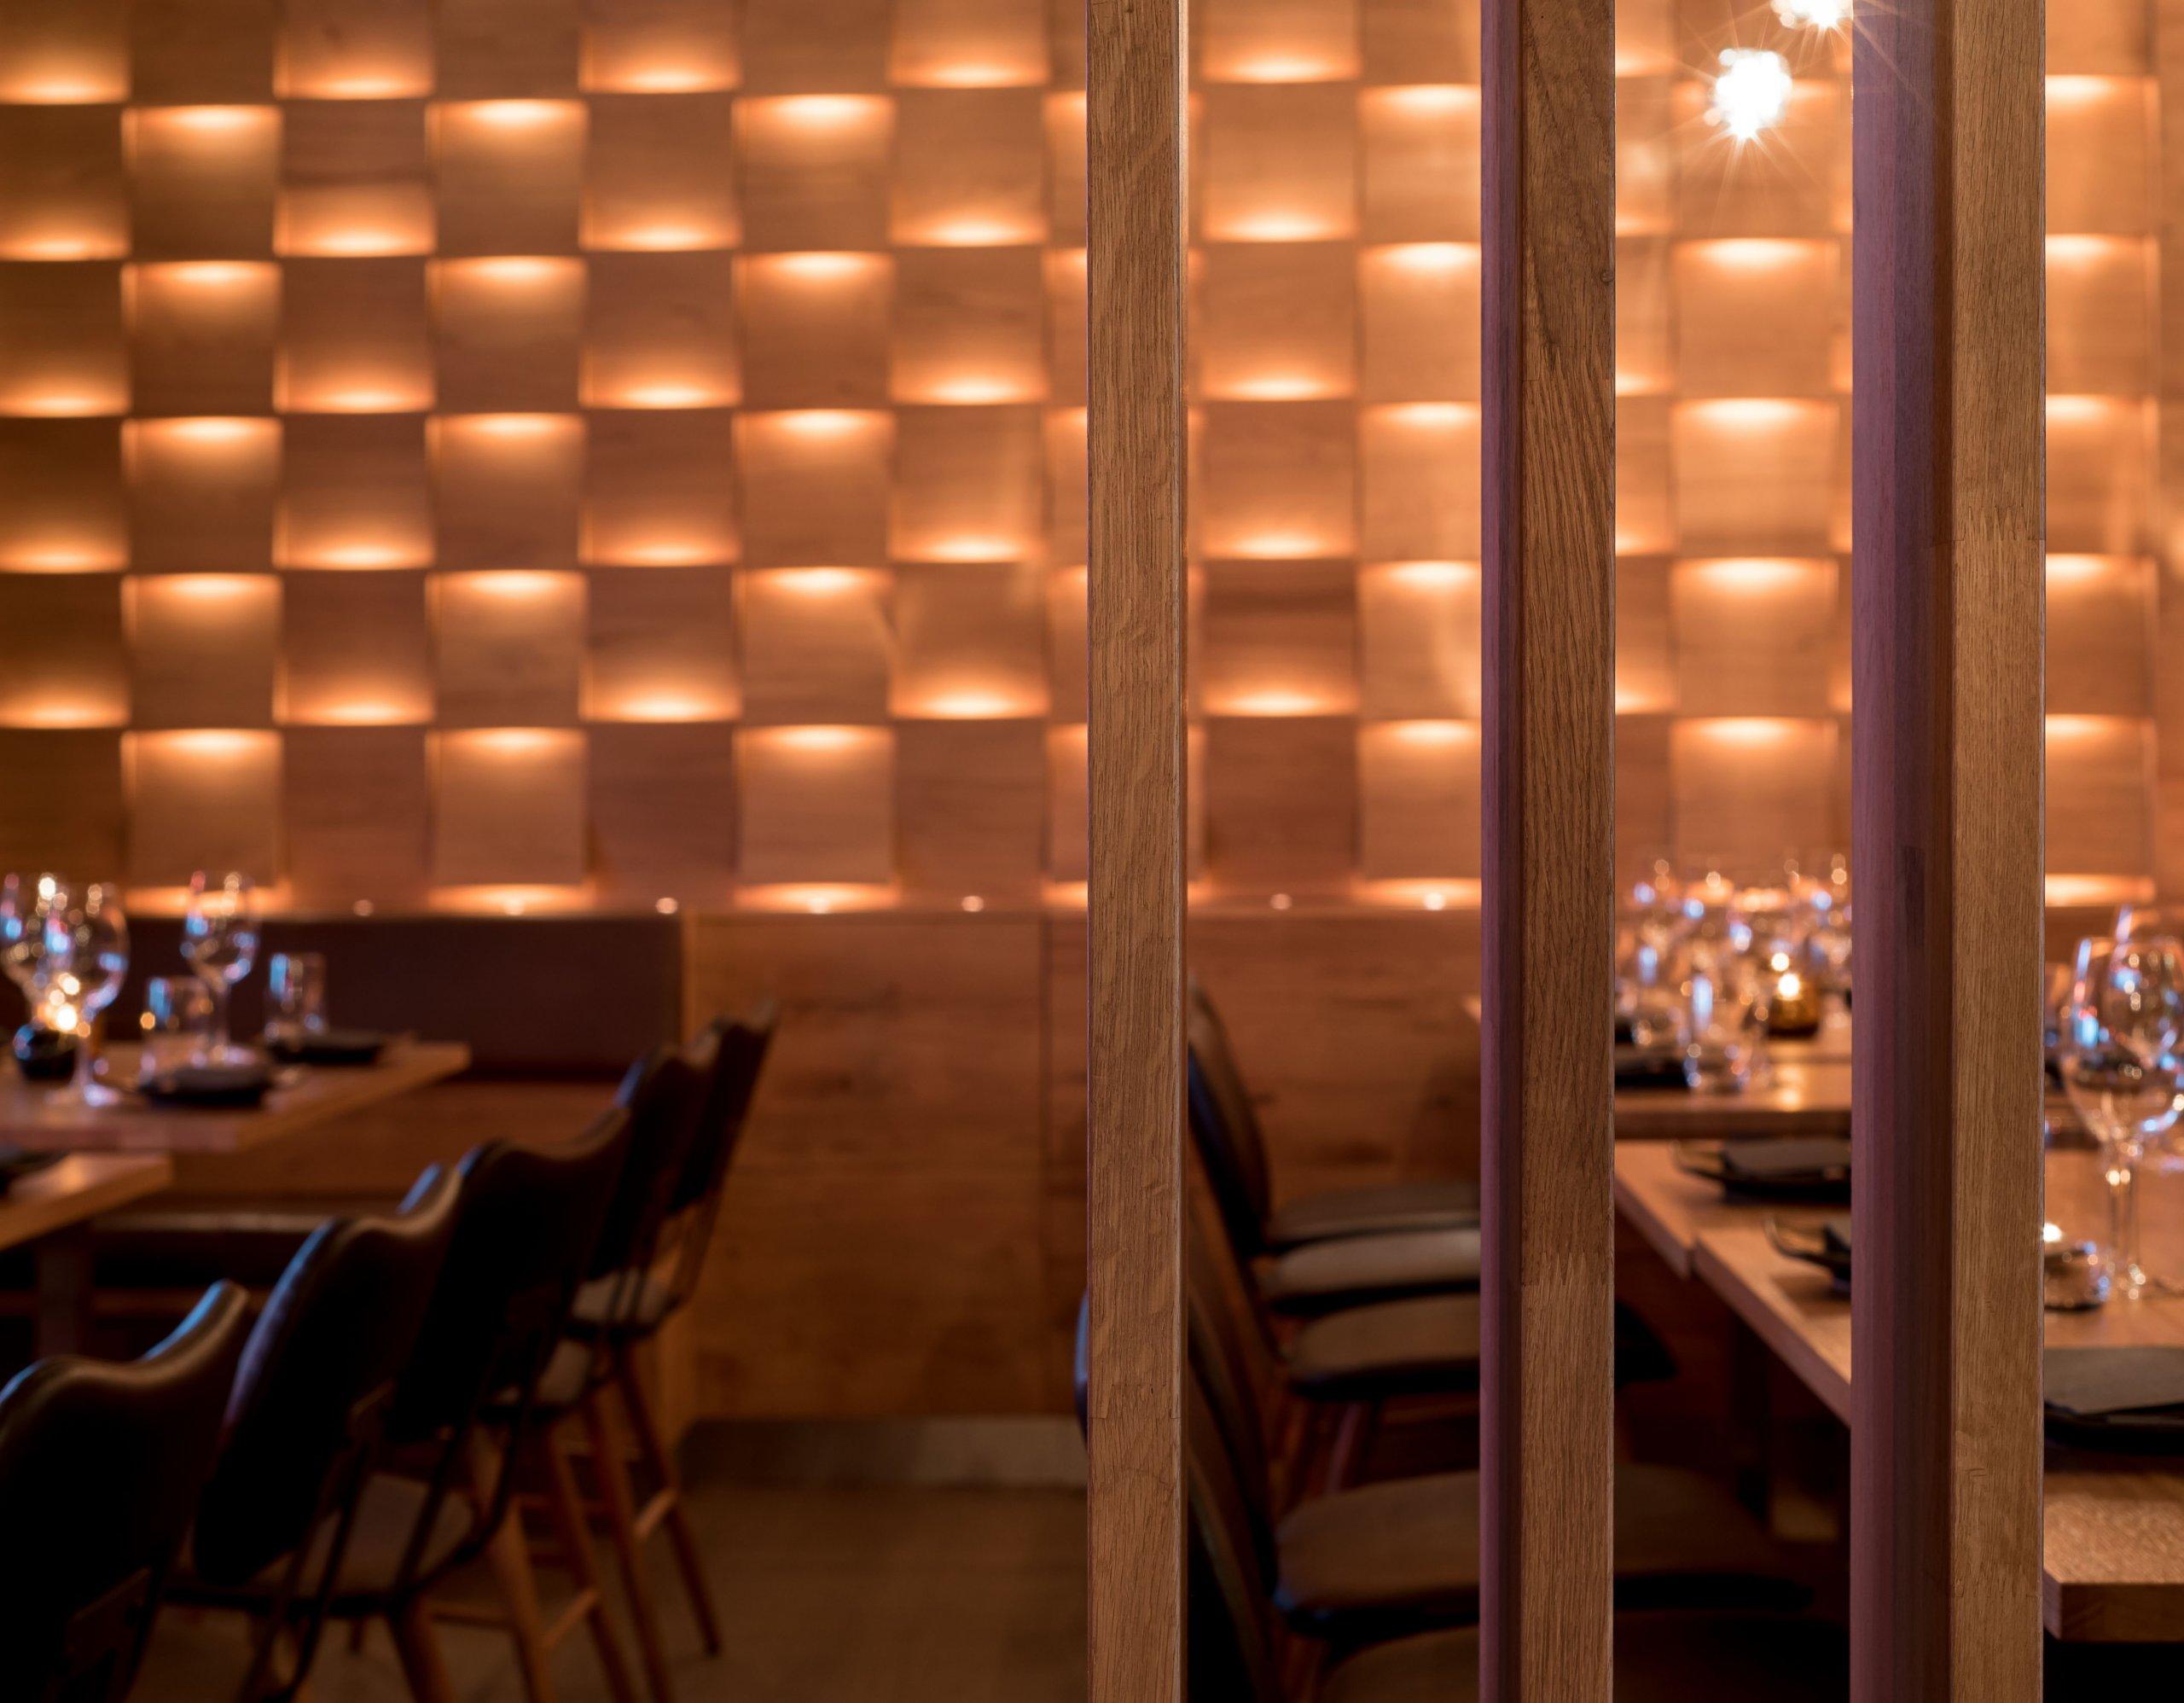 Restaurace Hinoki vítá návštěvníky příjemným moderním interiérem sdůrazem na použití přírodních materiálů. Hlavní roli zde hraje světlo, které díky…